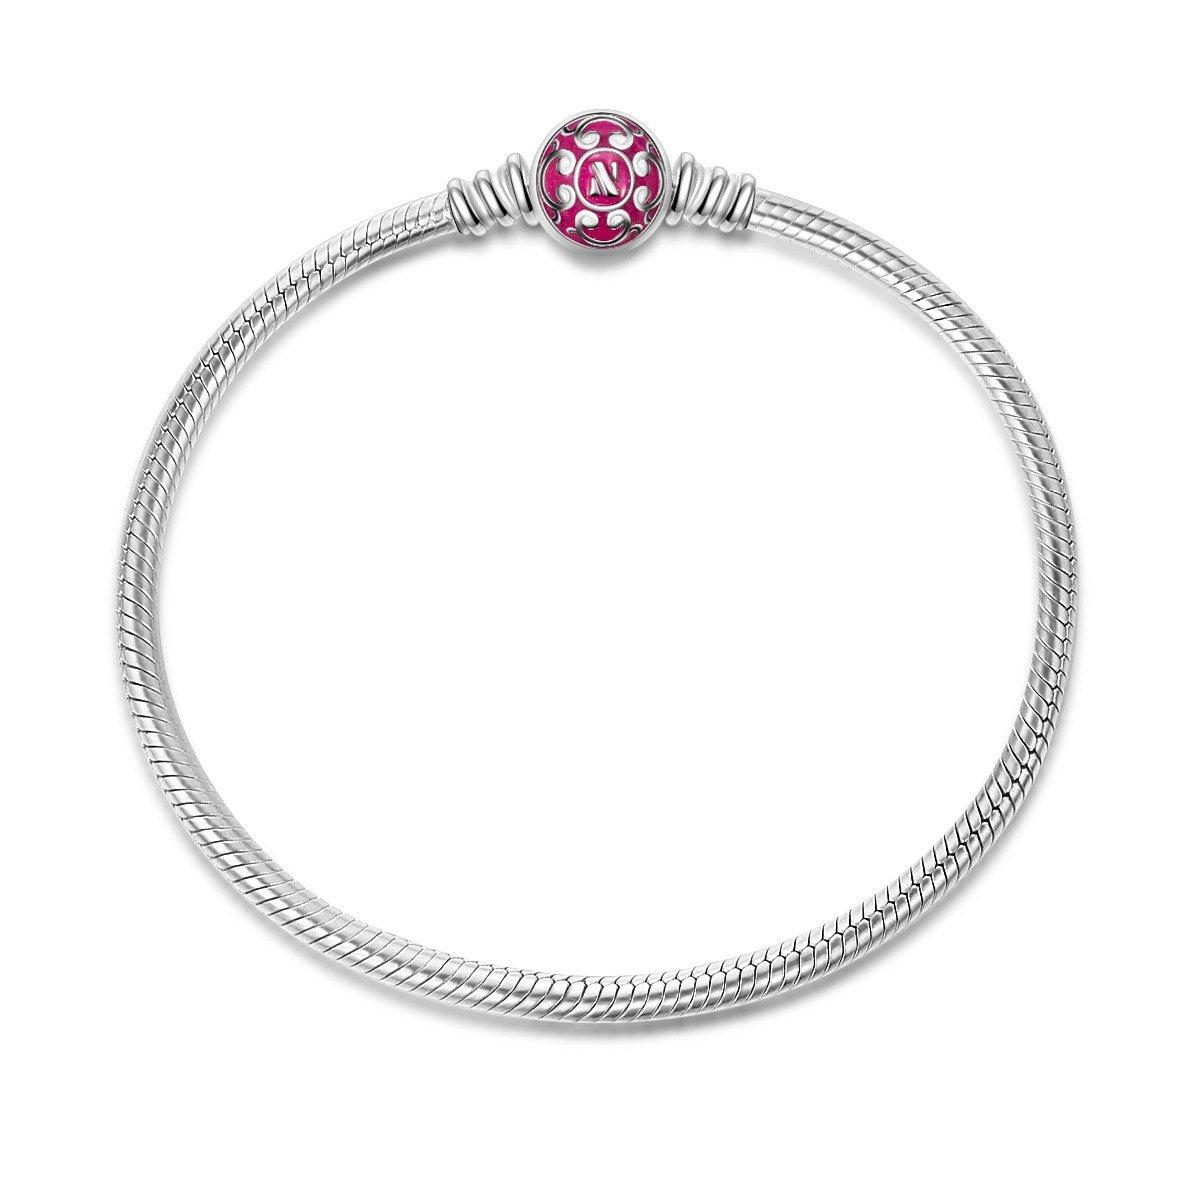 NINAQUEEN Charms Bracelet pour femme argent 925 Rose 19cm, Livré dans Une Boîte Cadeau Bijoux, Test Sgs Passé sans Nickel, sans Allergène NQB5378BB-XJ